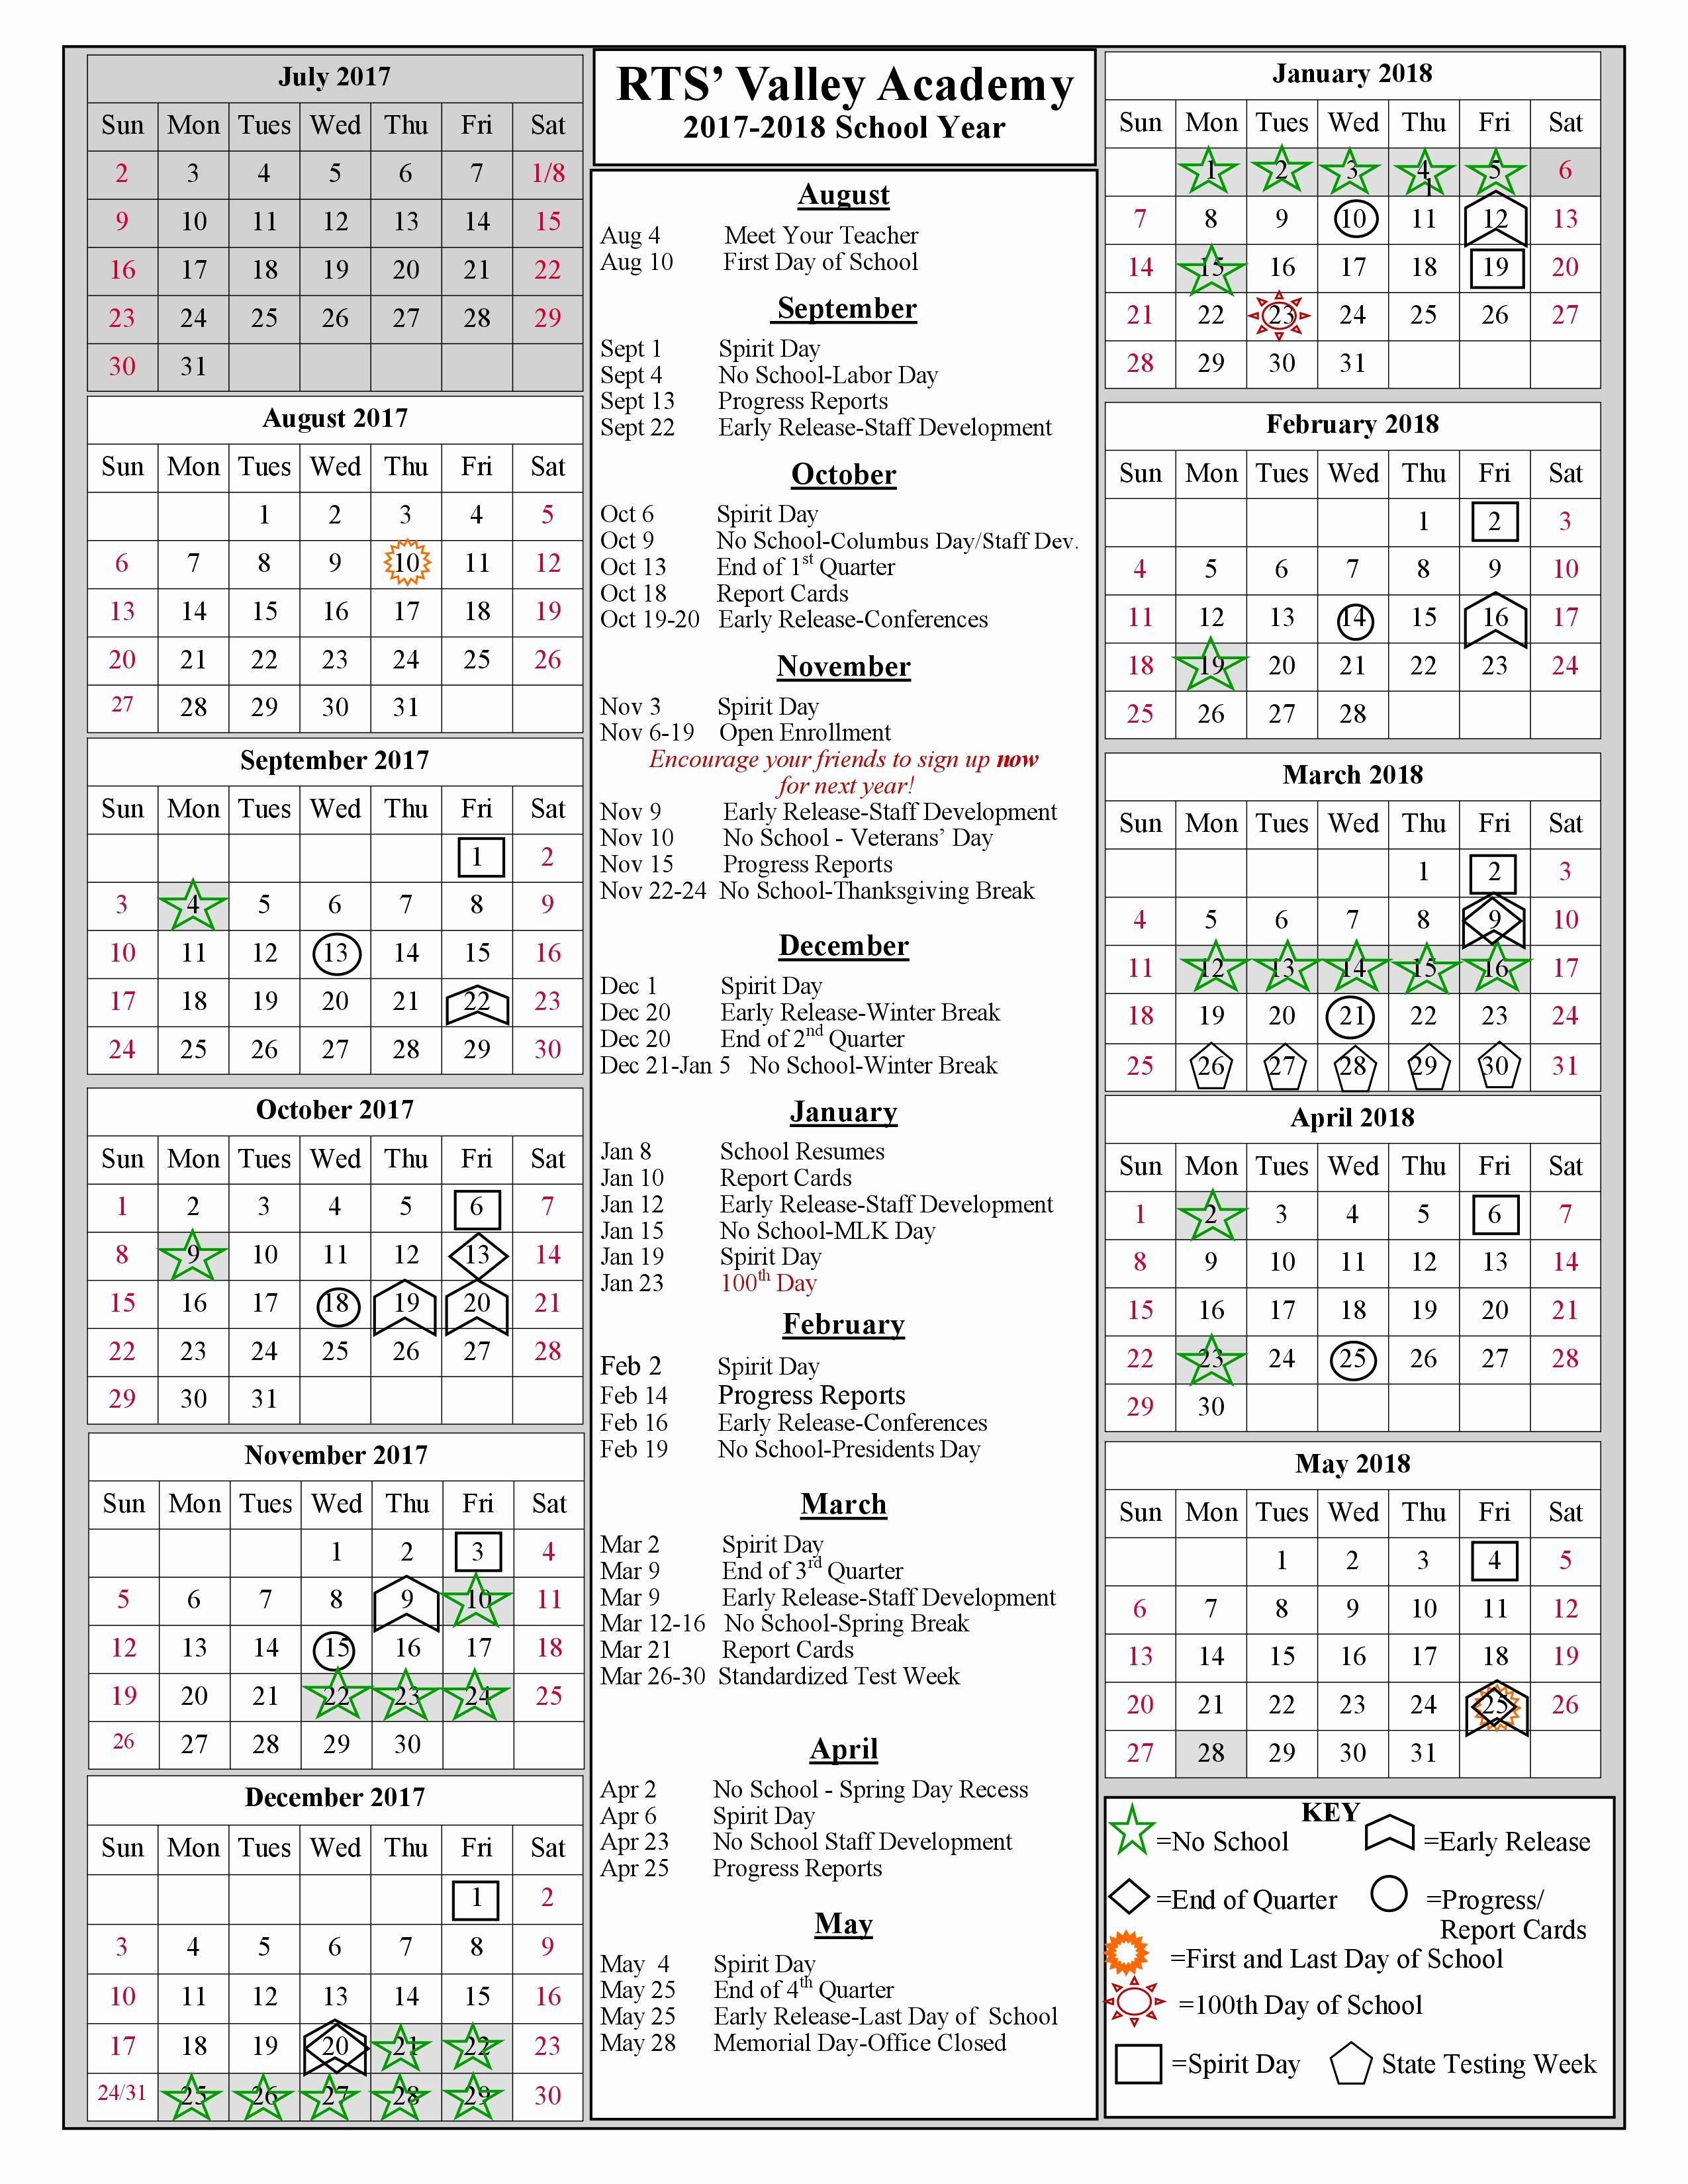 2018 Year Calendar One Page Best Of School Year Calendar 2017 2018